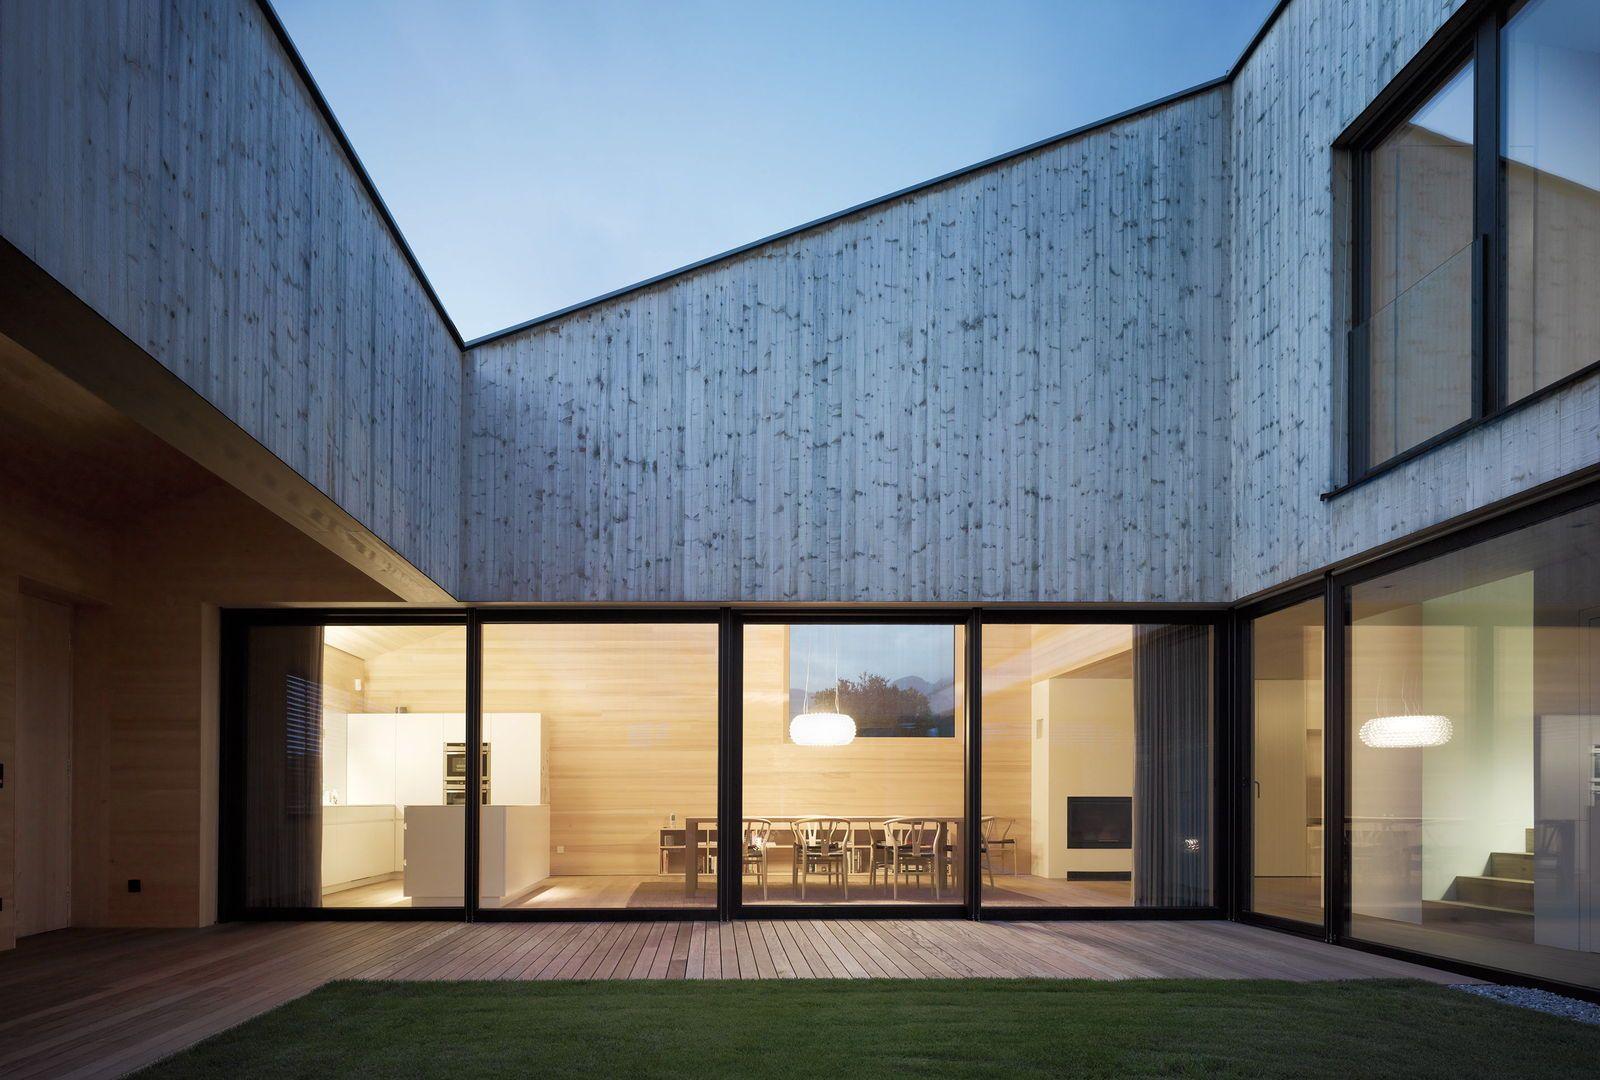 Haus im Feld, Sulz-Röthis | Vorarlberger Holzbaukunst